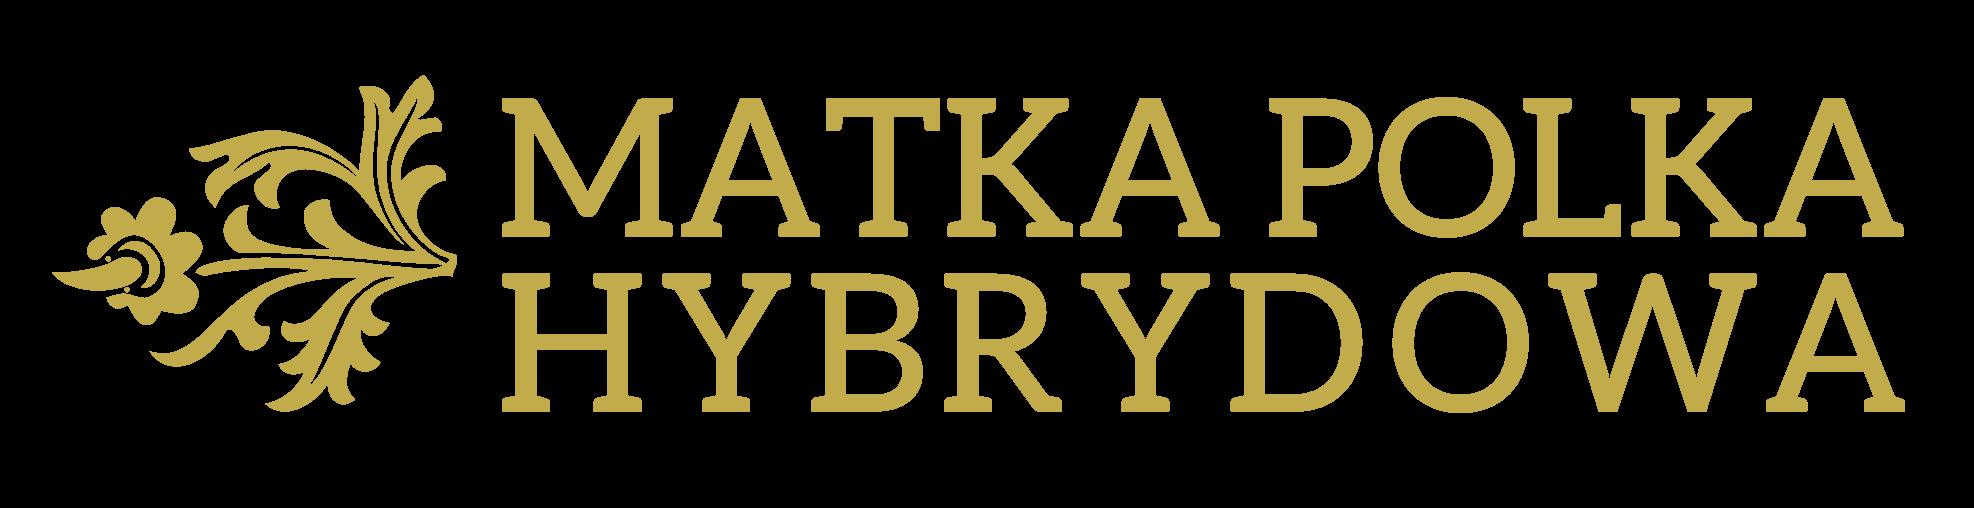 Matka Polka Hybrydowa